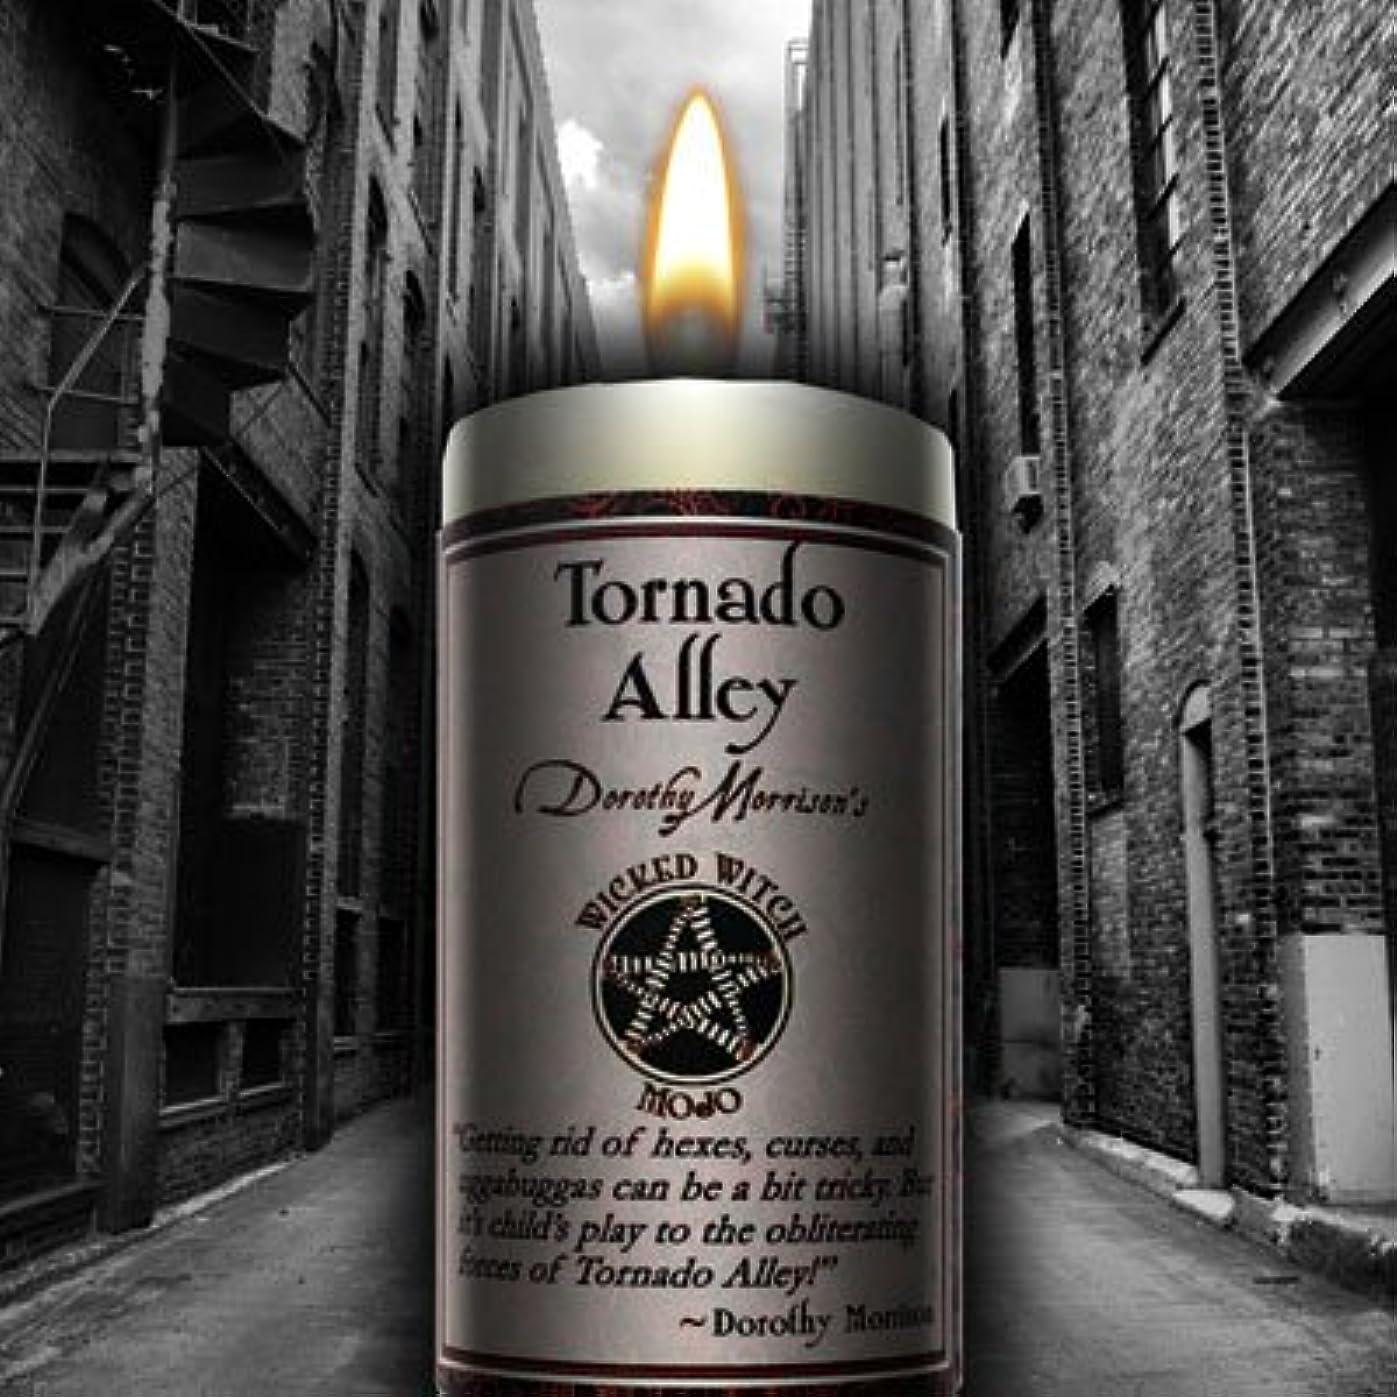 作り上げるアラビア語ペンフレンドWicked Witch Mojo Tornado Alley Candle by Dorothy Morrison